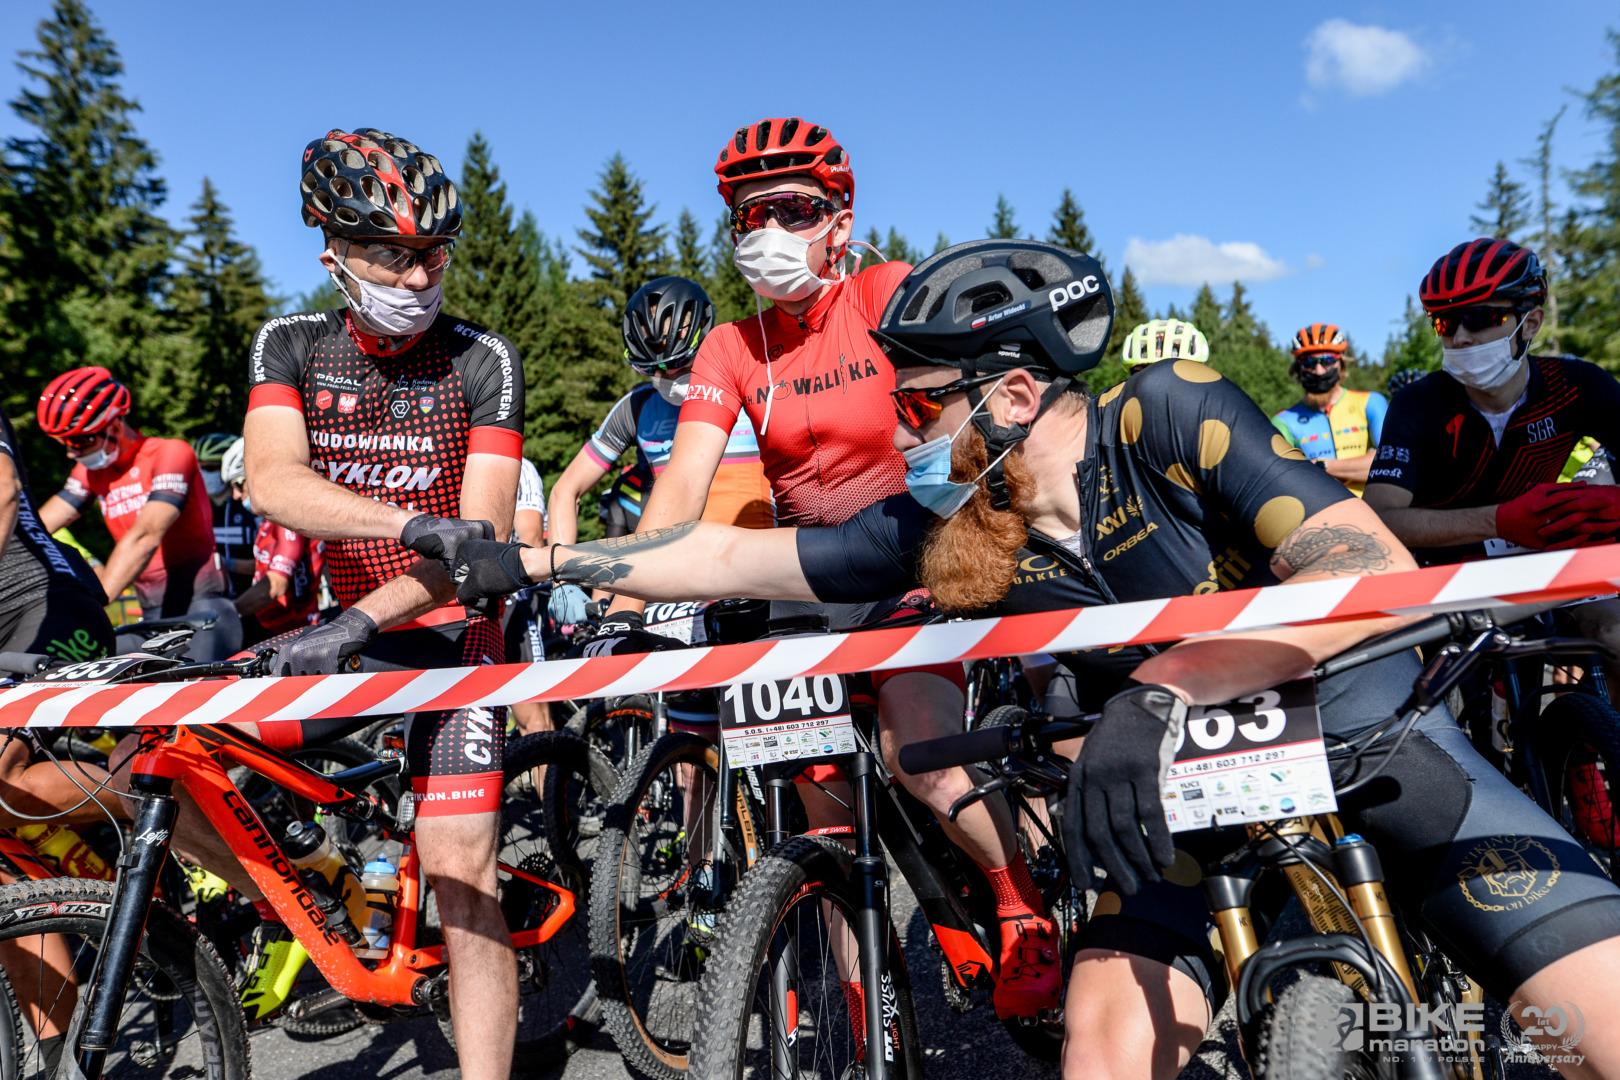 Via Dolny Śląsk i Bike Maraton w Kowarach czyli kolarski weekend w Karkonoszach